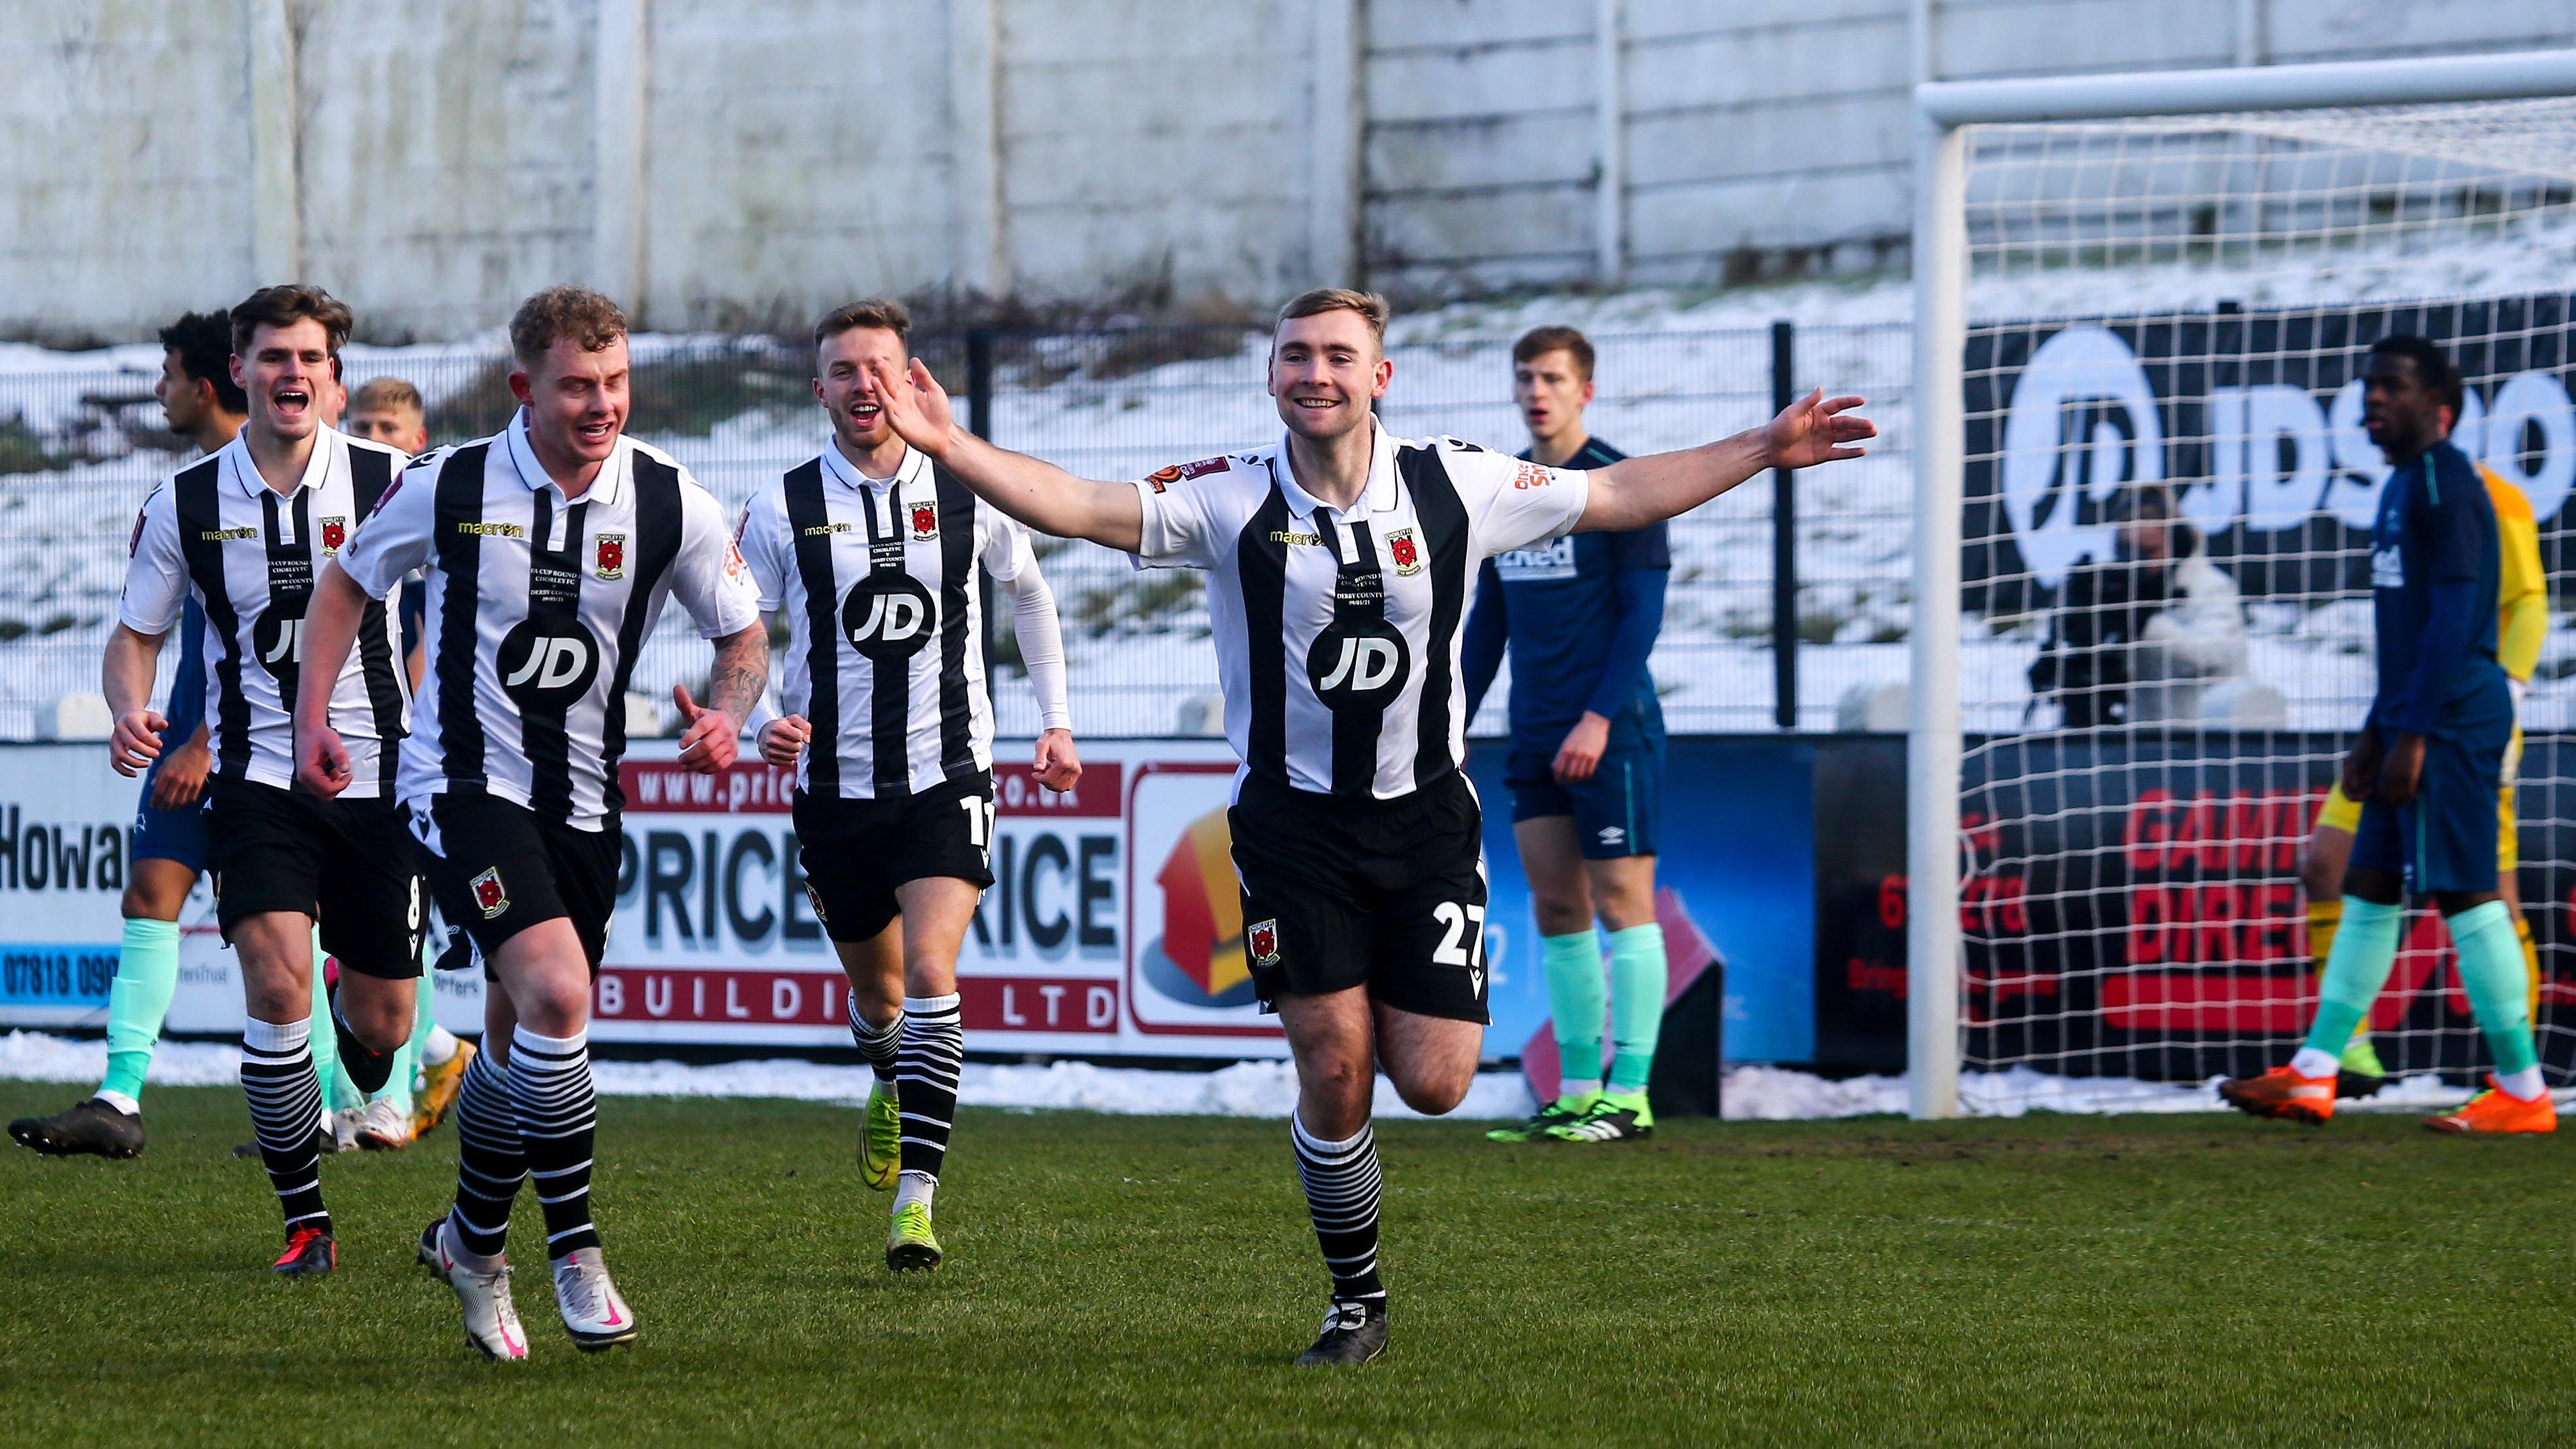 Los jugadores del Chorley celebran un gol.